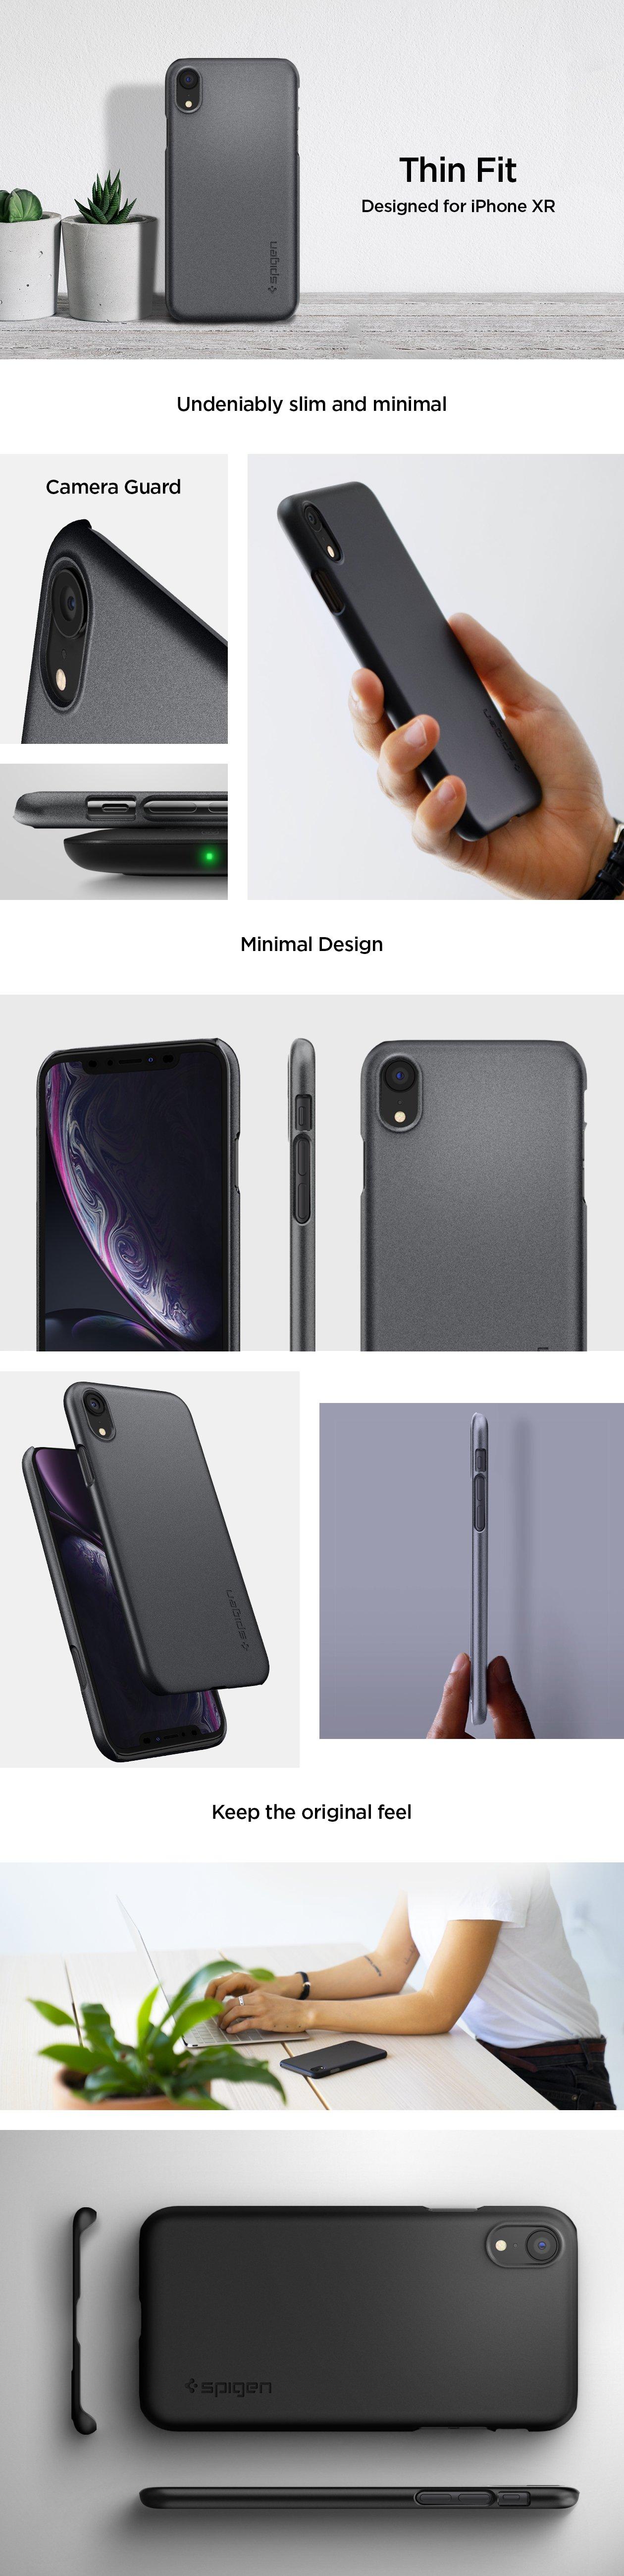 Ochranný kryt / obal / pouzdro Spigen Thin Fit na Apple iPhone XR nejlevněji, originál, imore.cz.